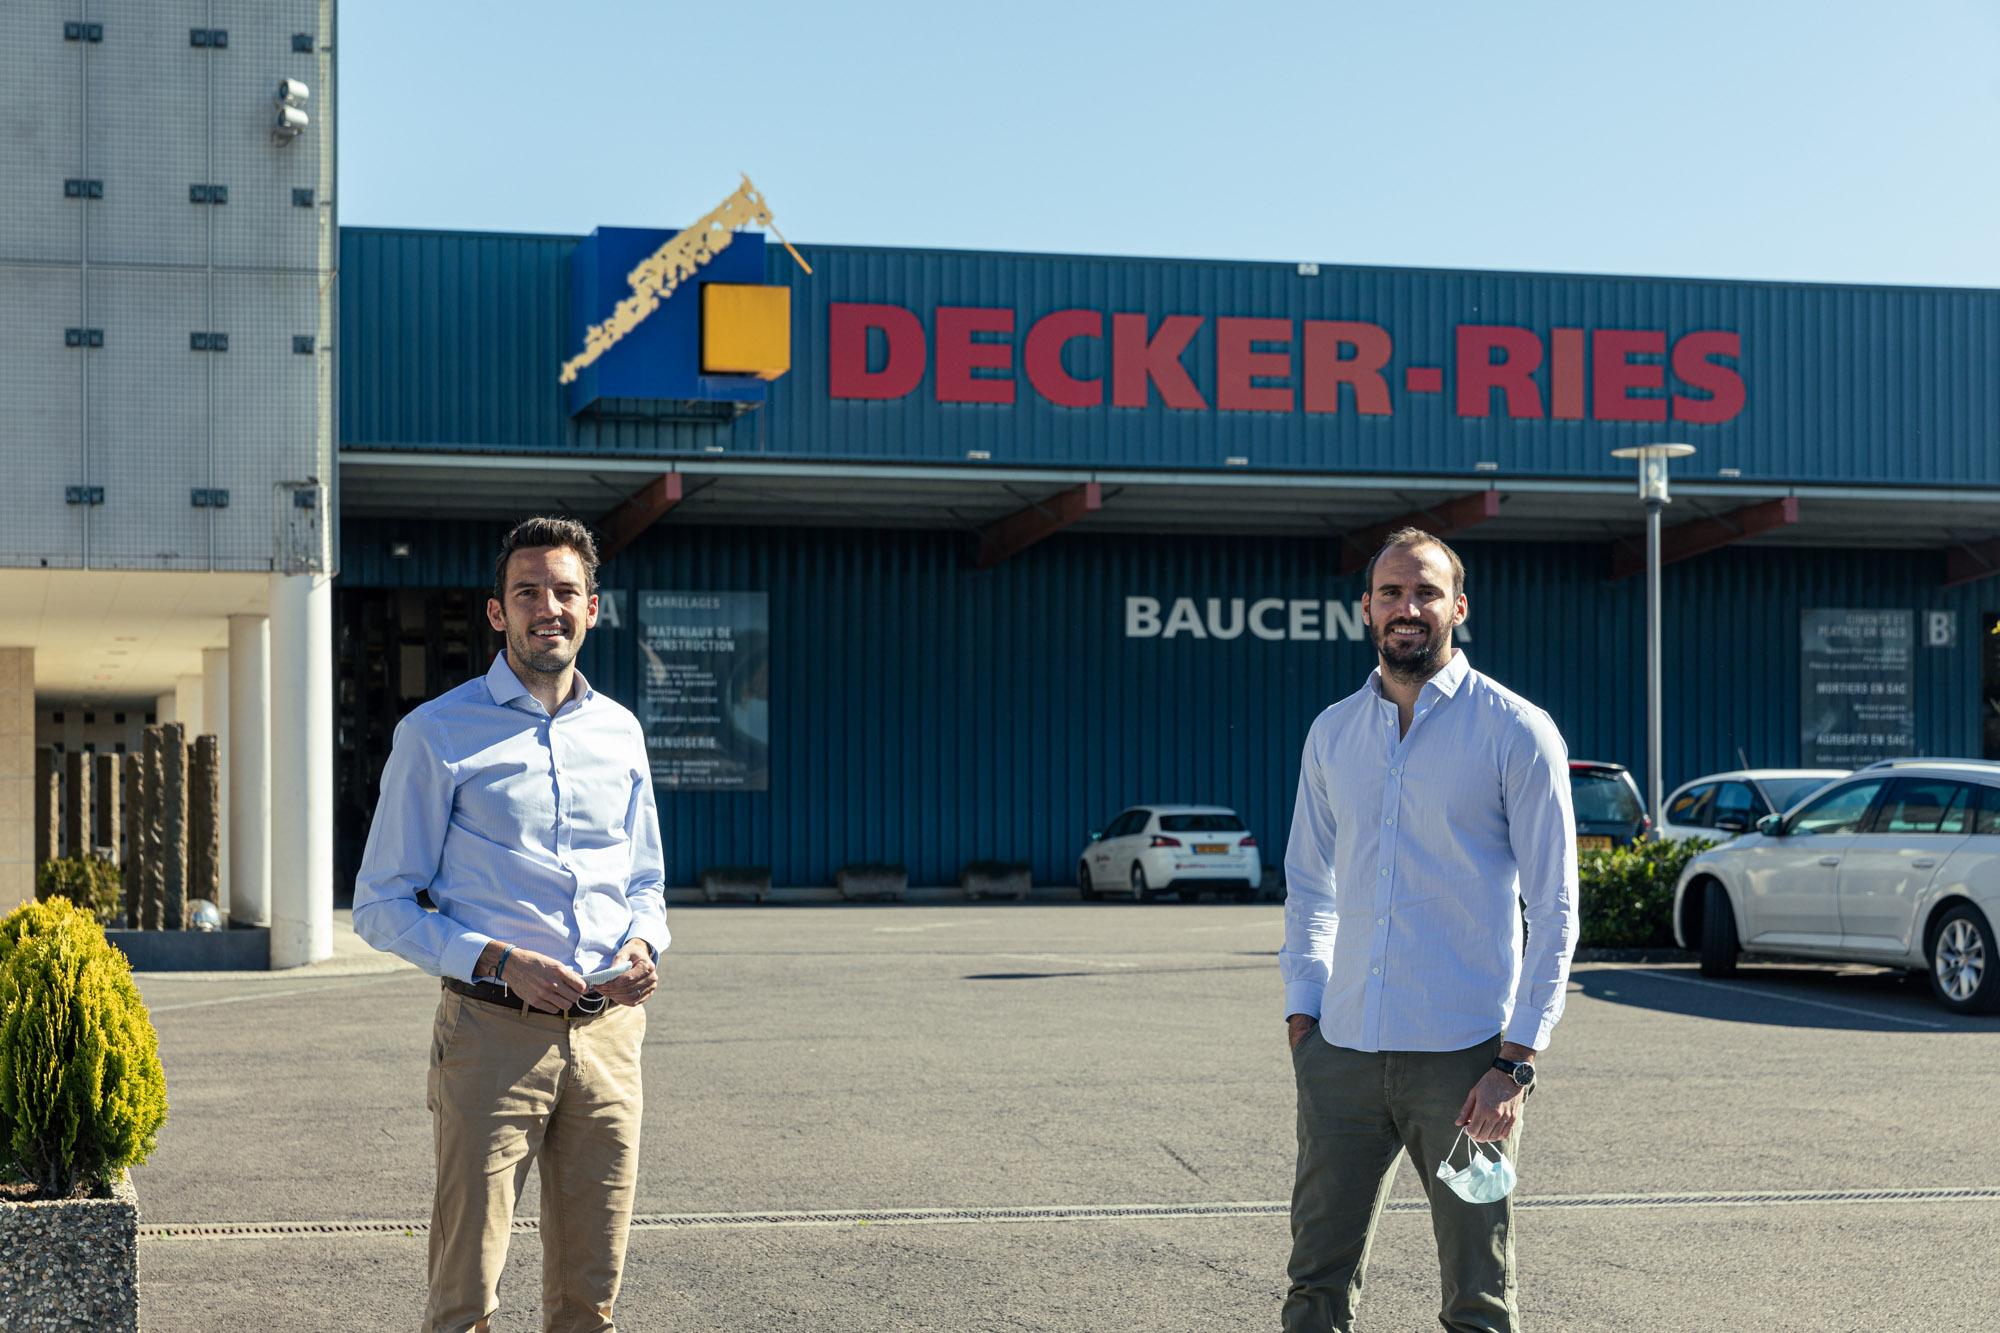 Baucenter Decker-Ries – E staarkt Fundament